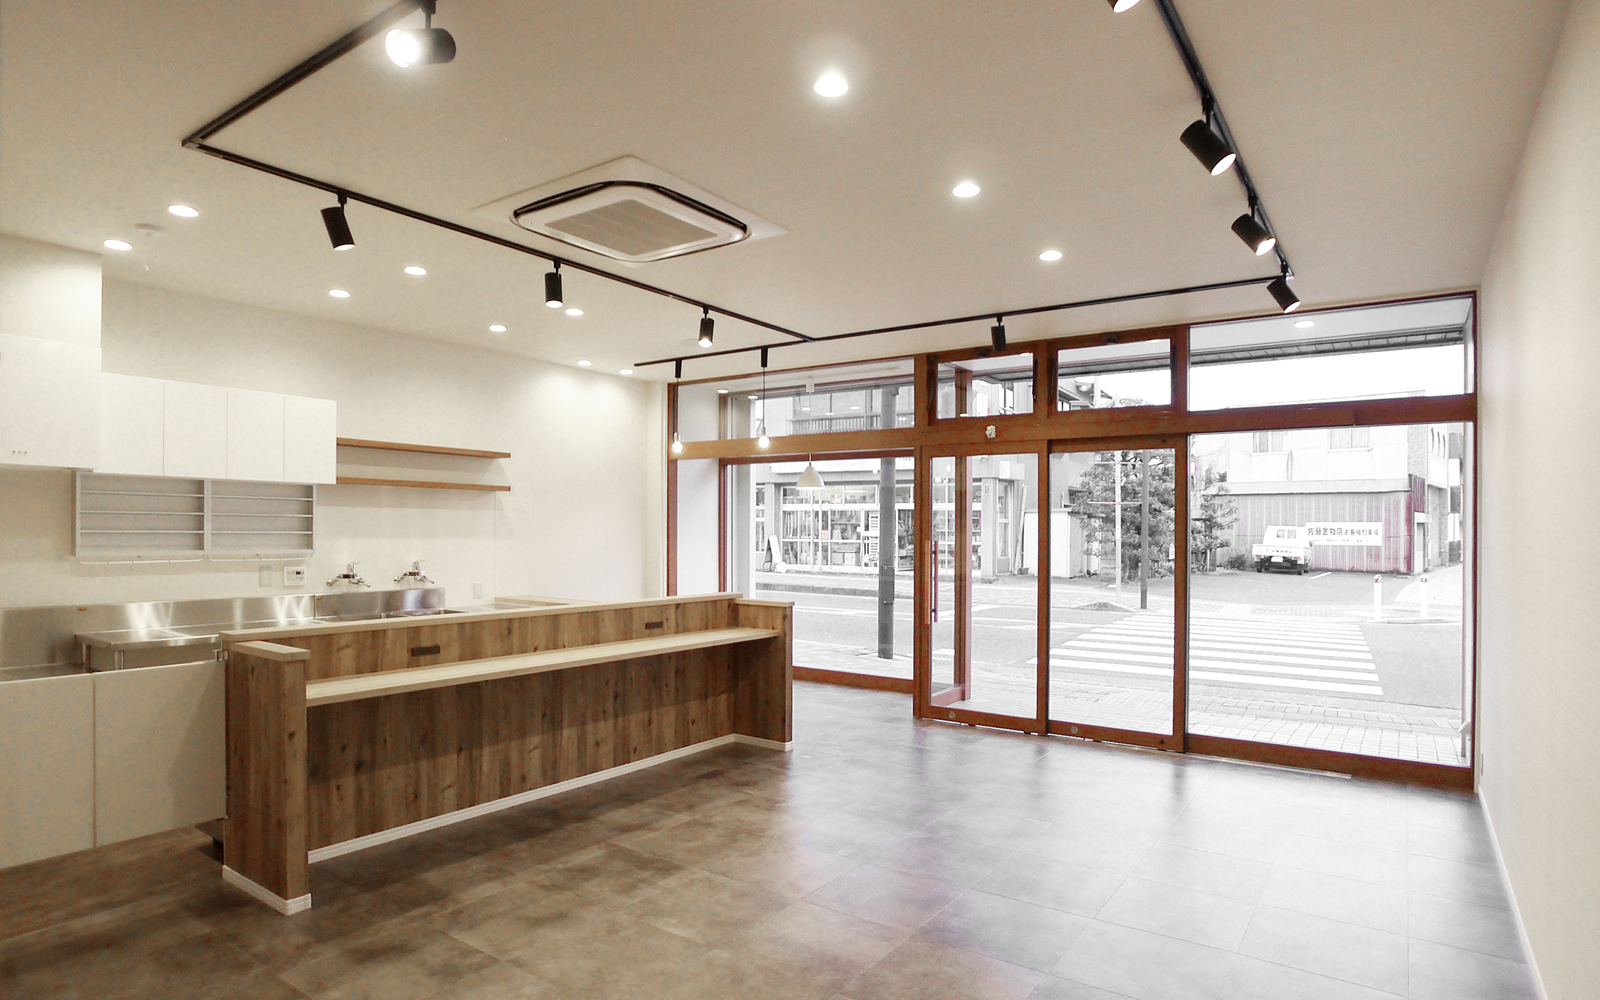 相模原市 店舗リニューアル、新規オープン